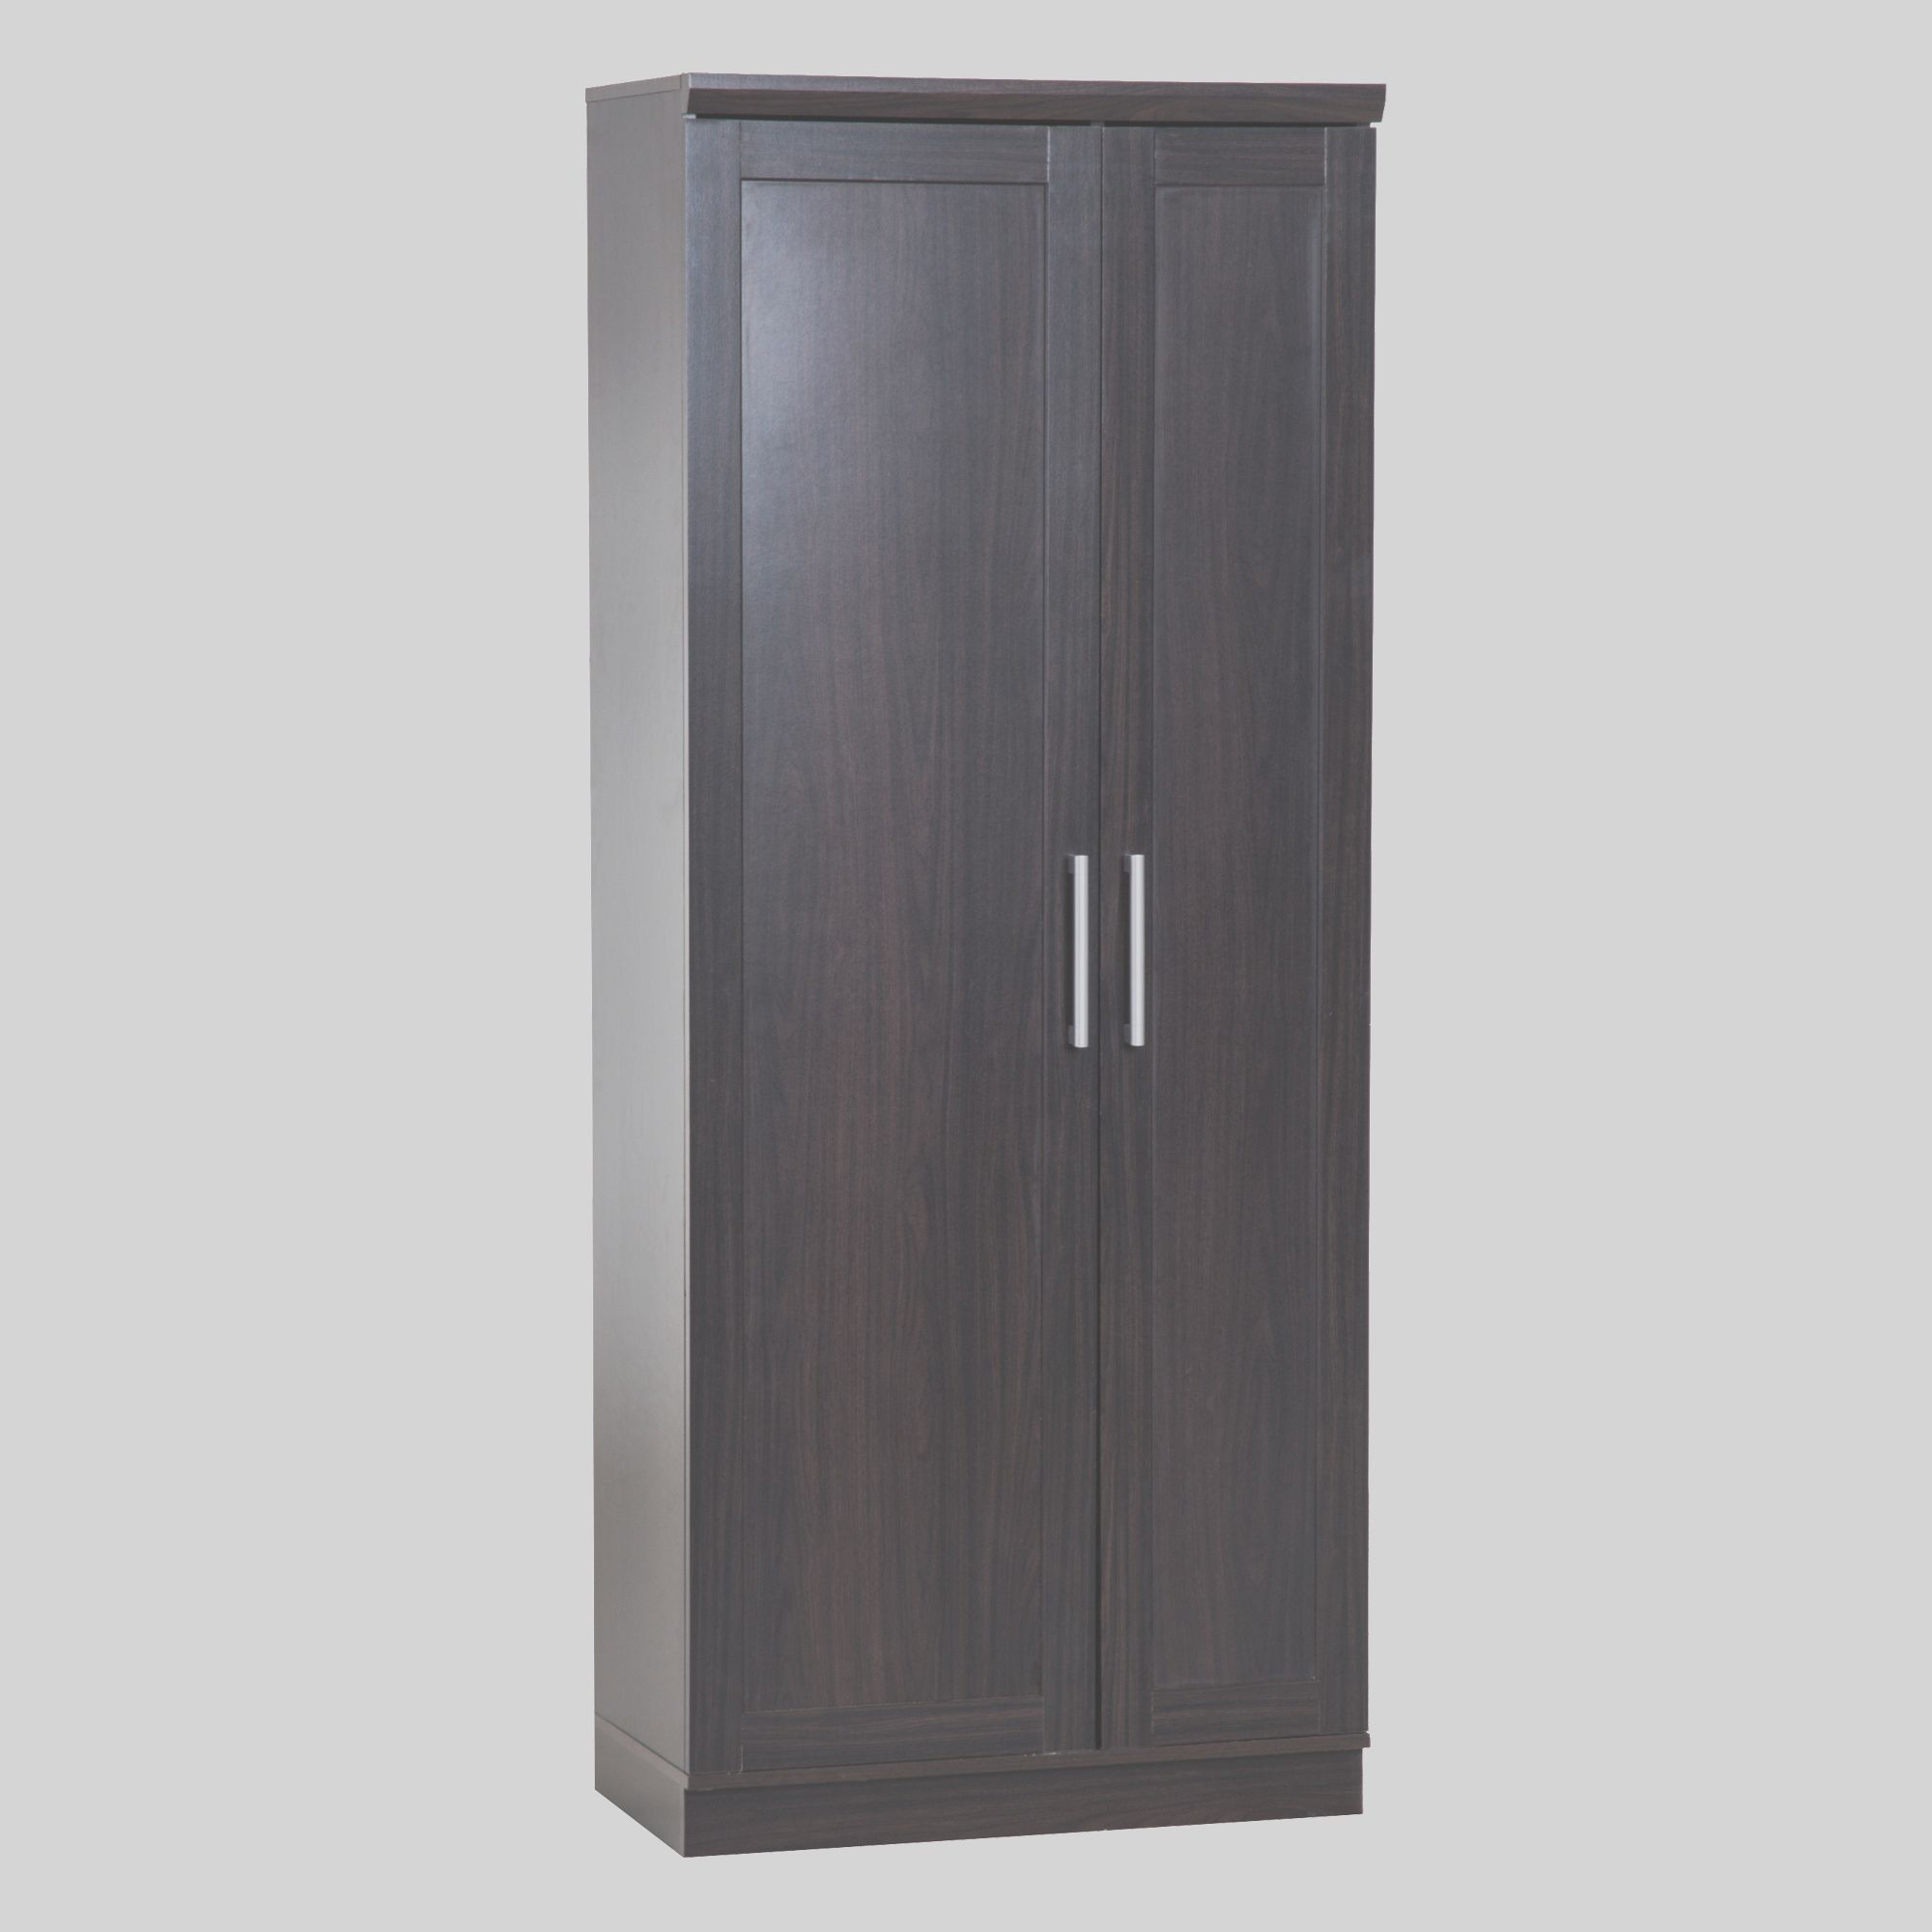 5 Genuine Freestanding Kitchen Furniture Argos Photography in 5